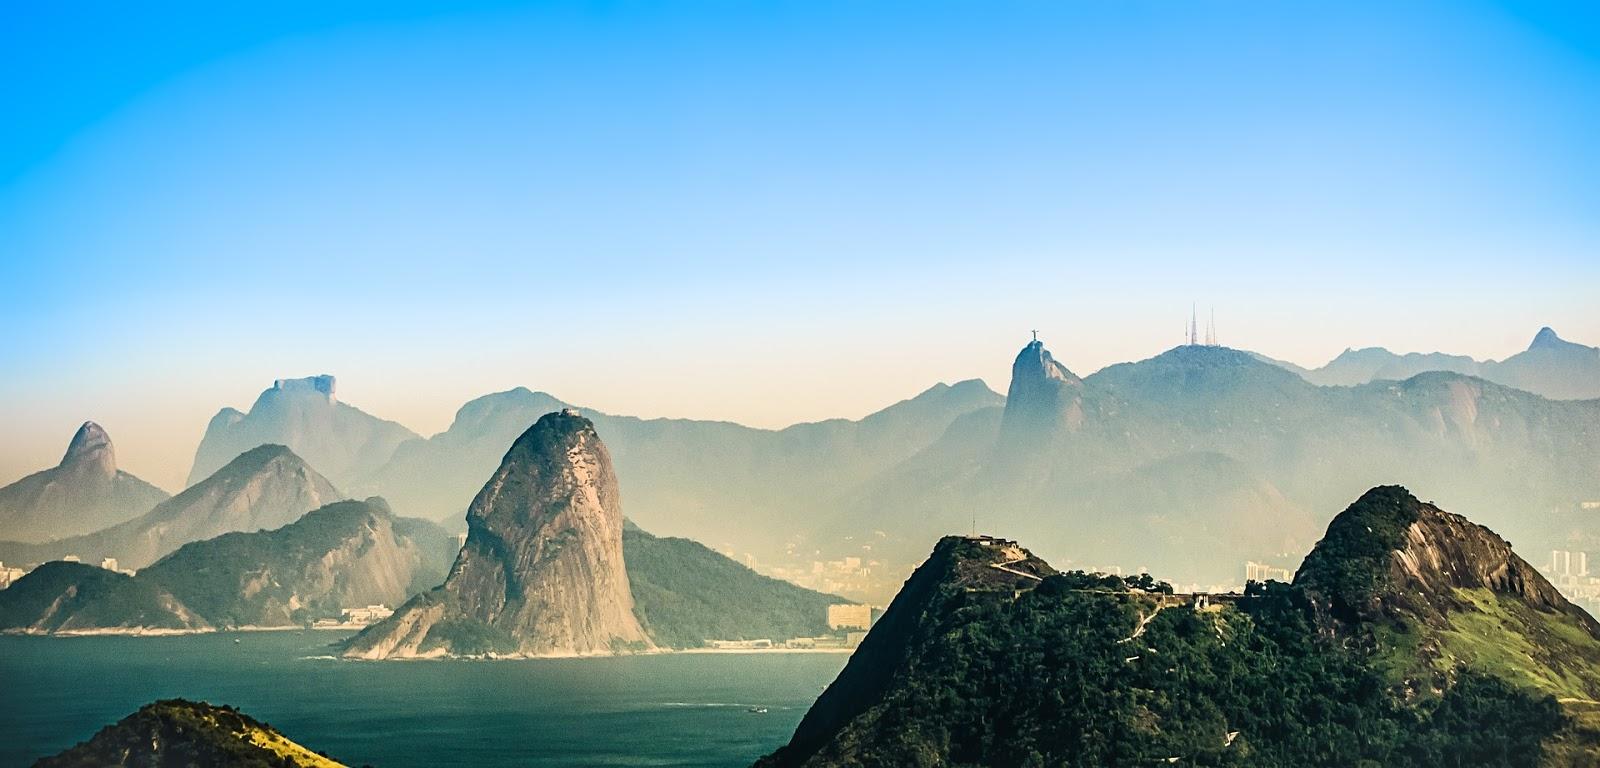 Imagens do Brasil | A beleza do Brasil